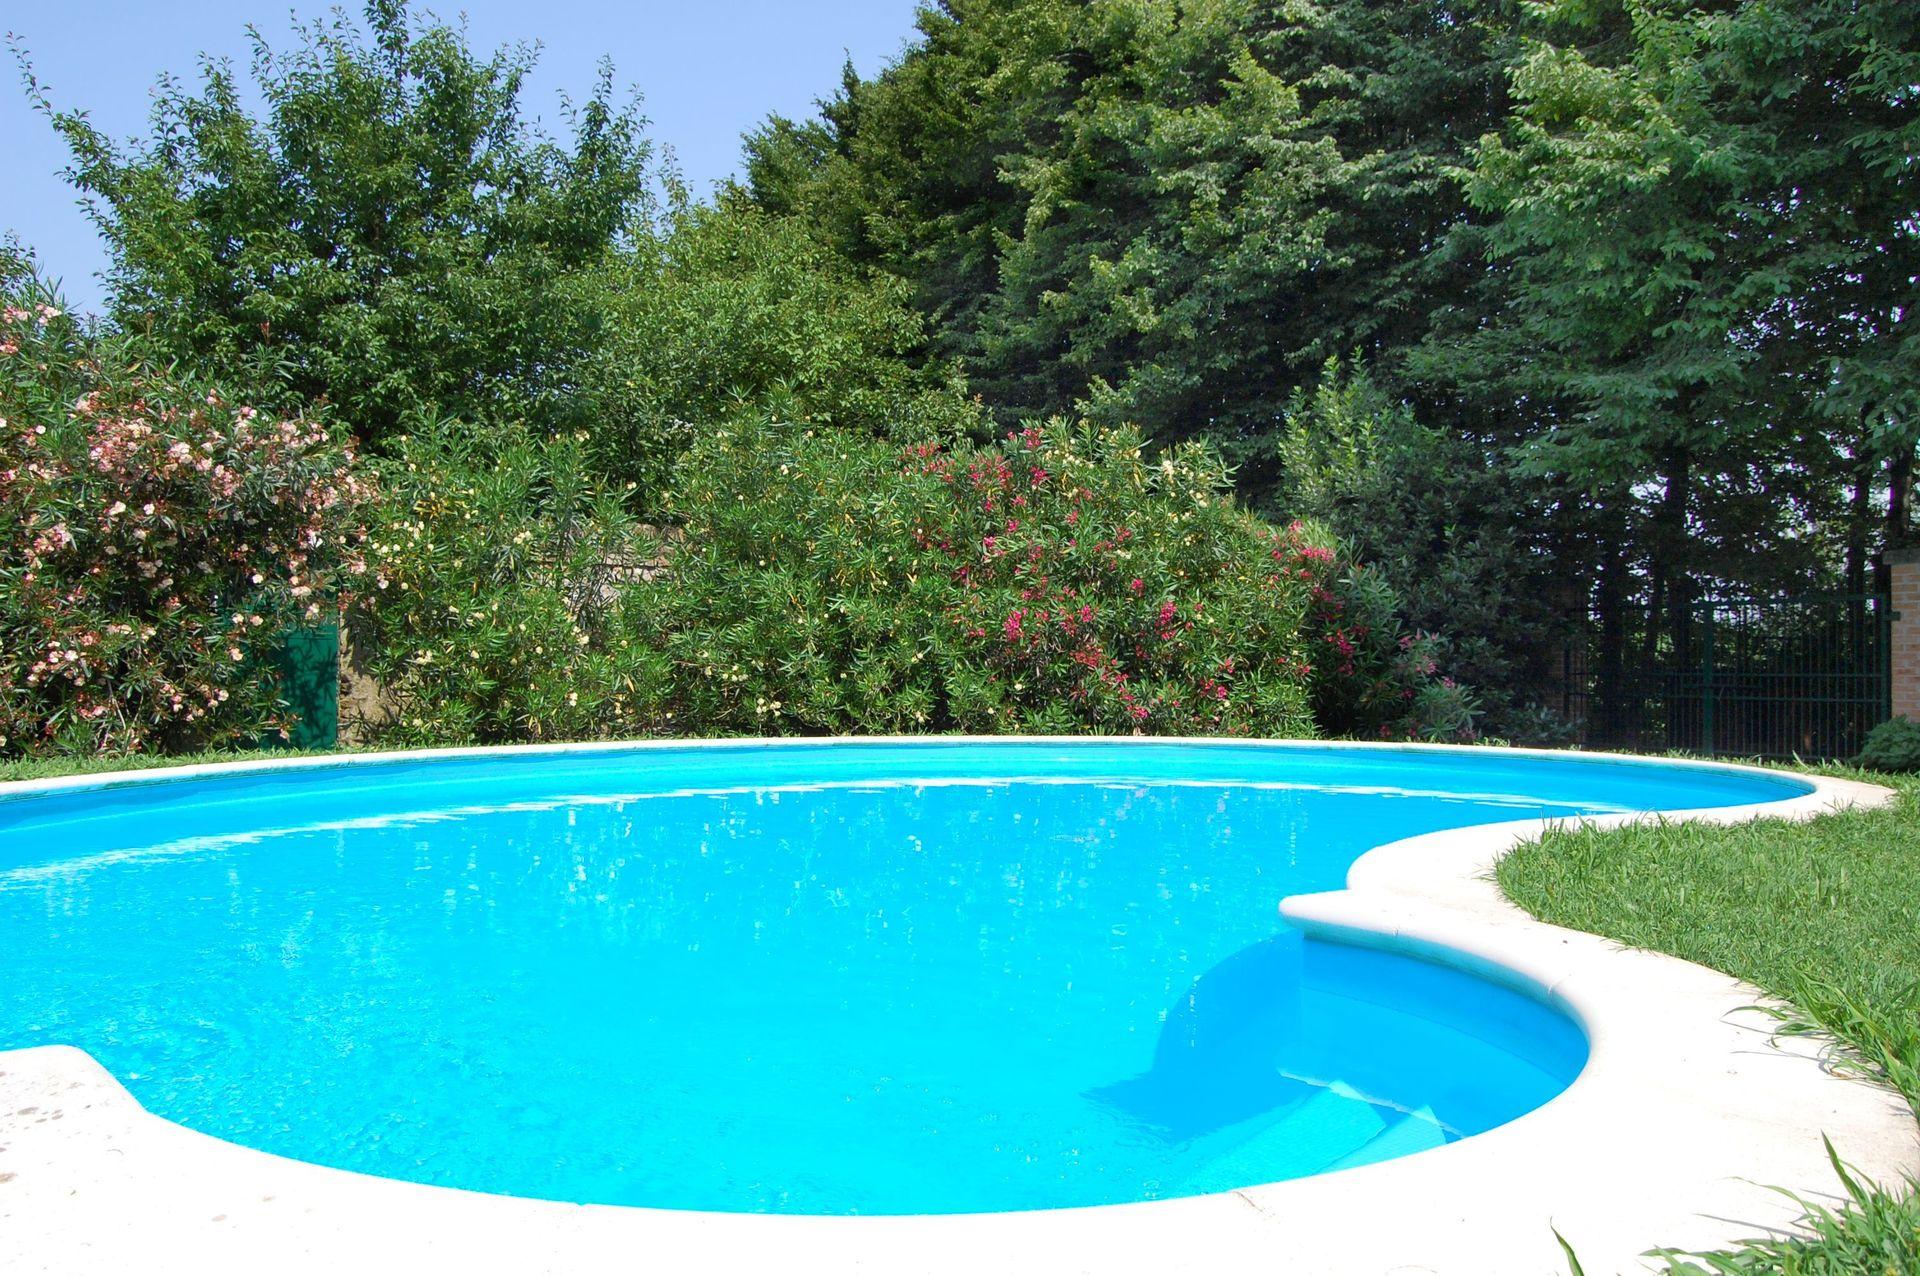 Acheter Une Maison En Italie Abruzzes ca' marcello location de vacances - couchages 8 dans 4